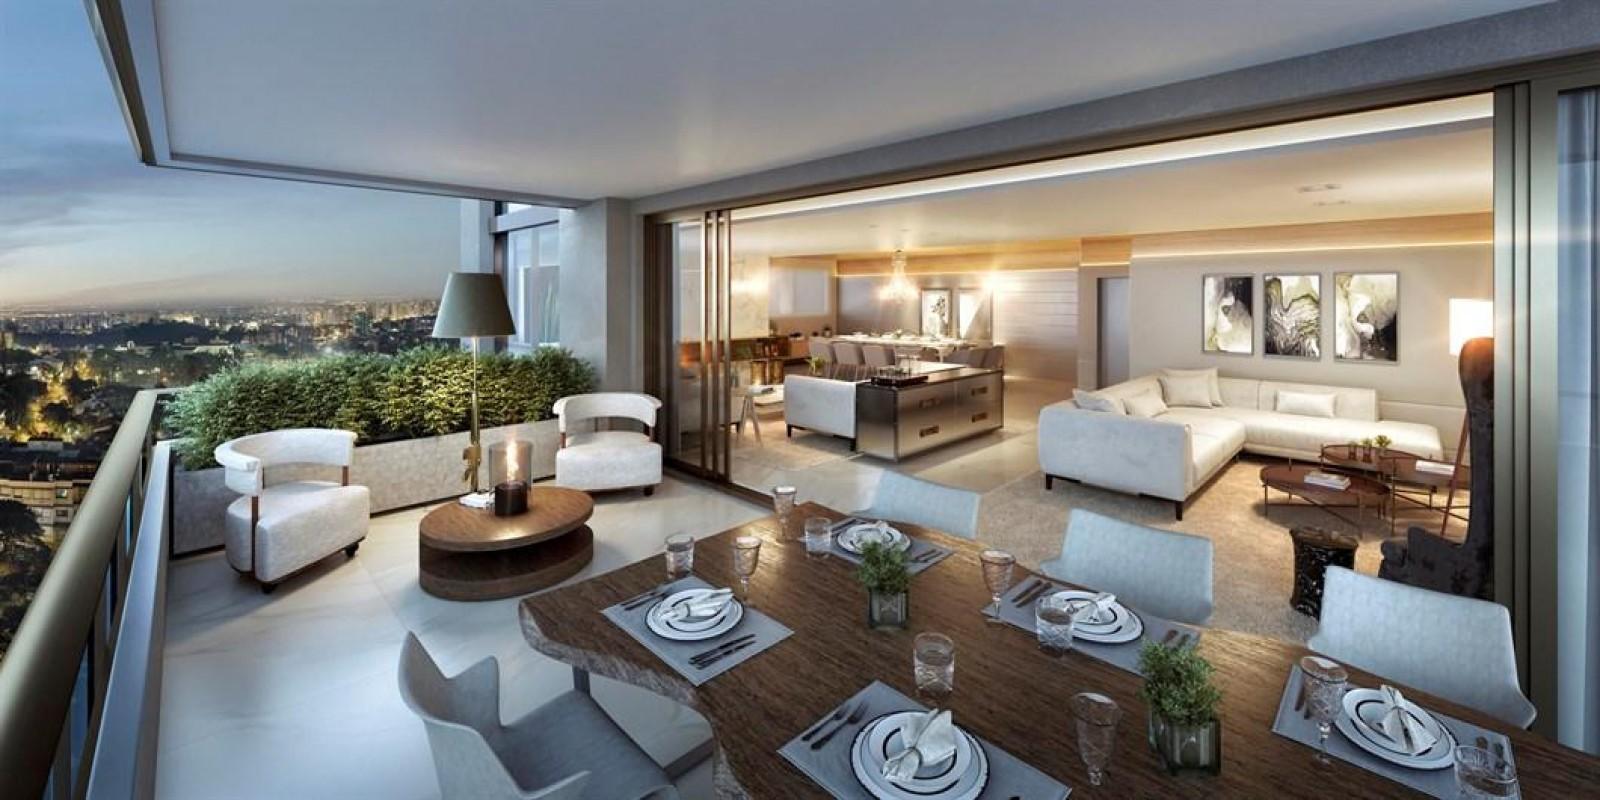 TPS Imóveis - Veja Foto 2 de 5 do Apartamento de Luxo A Venda Porto Alegre